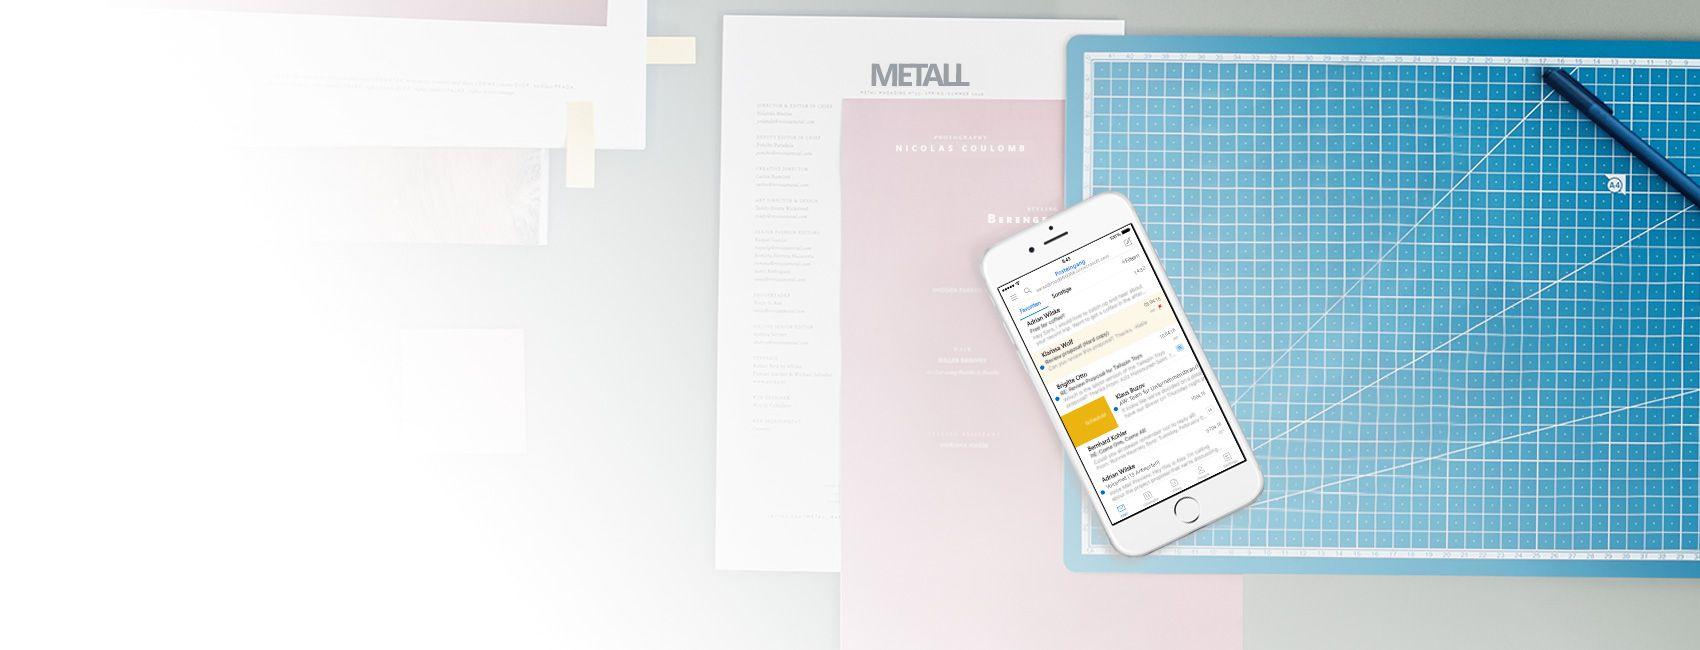 Ein Mobiltelefon mit einem E-Mail-Posteingang in der Outlook-App